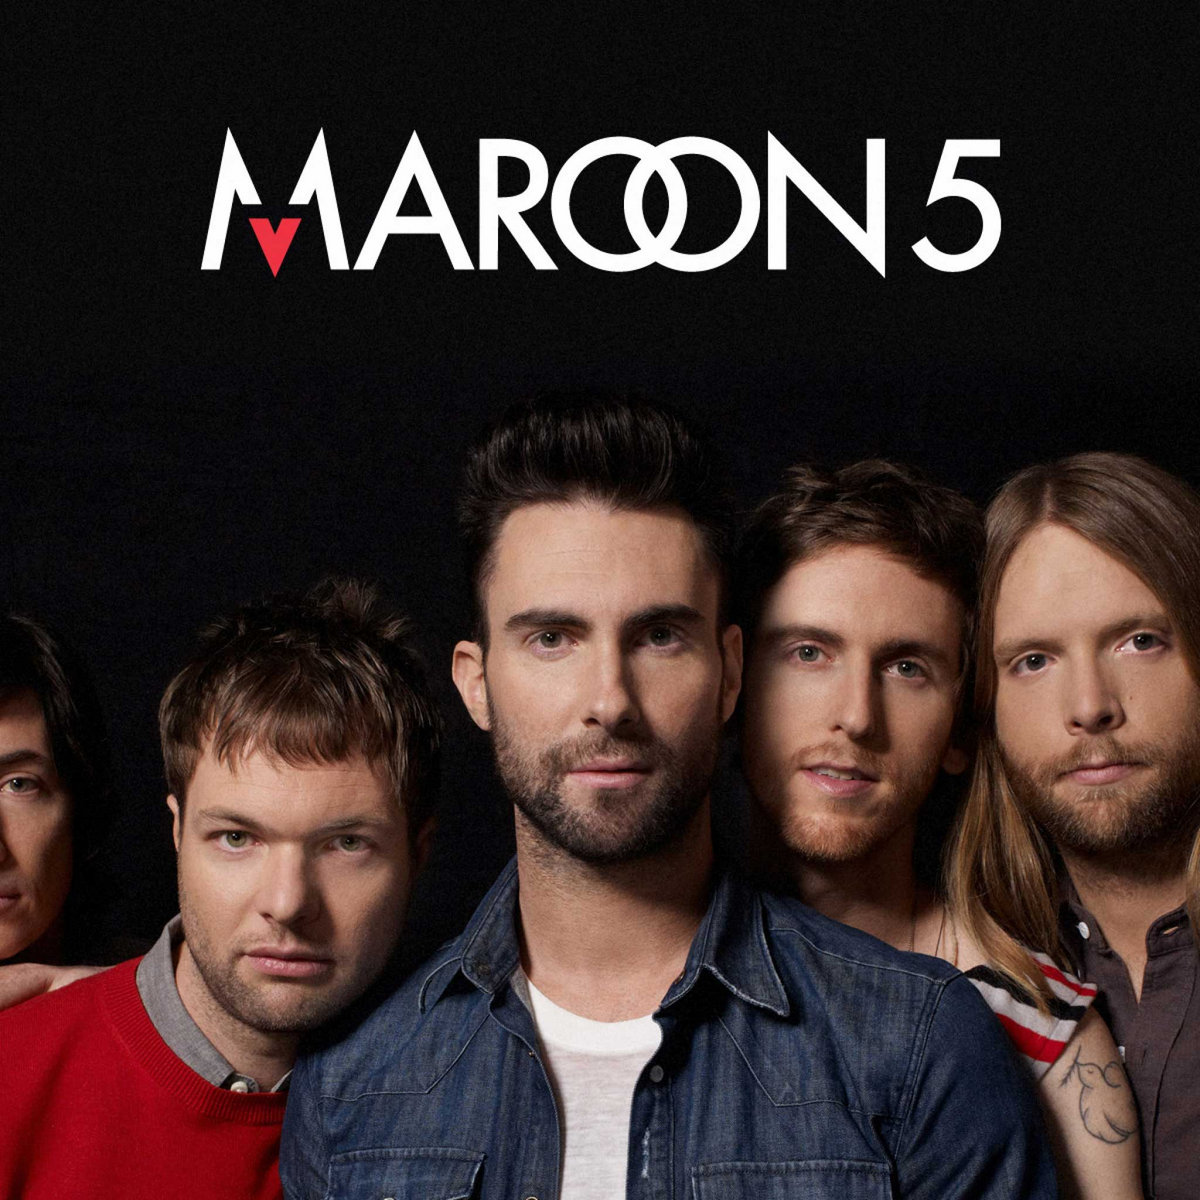 maroon 5 discography torrent download